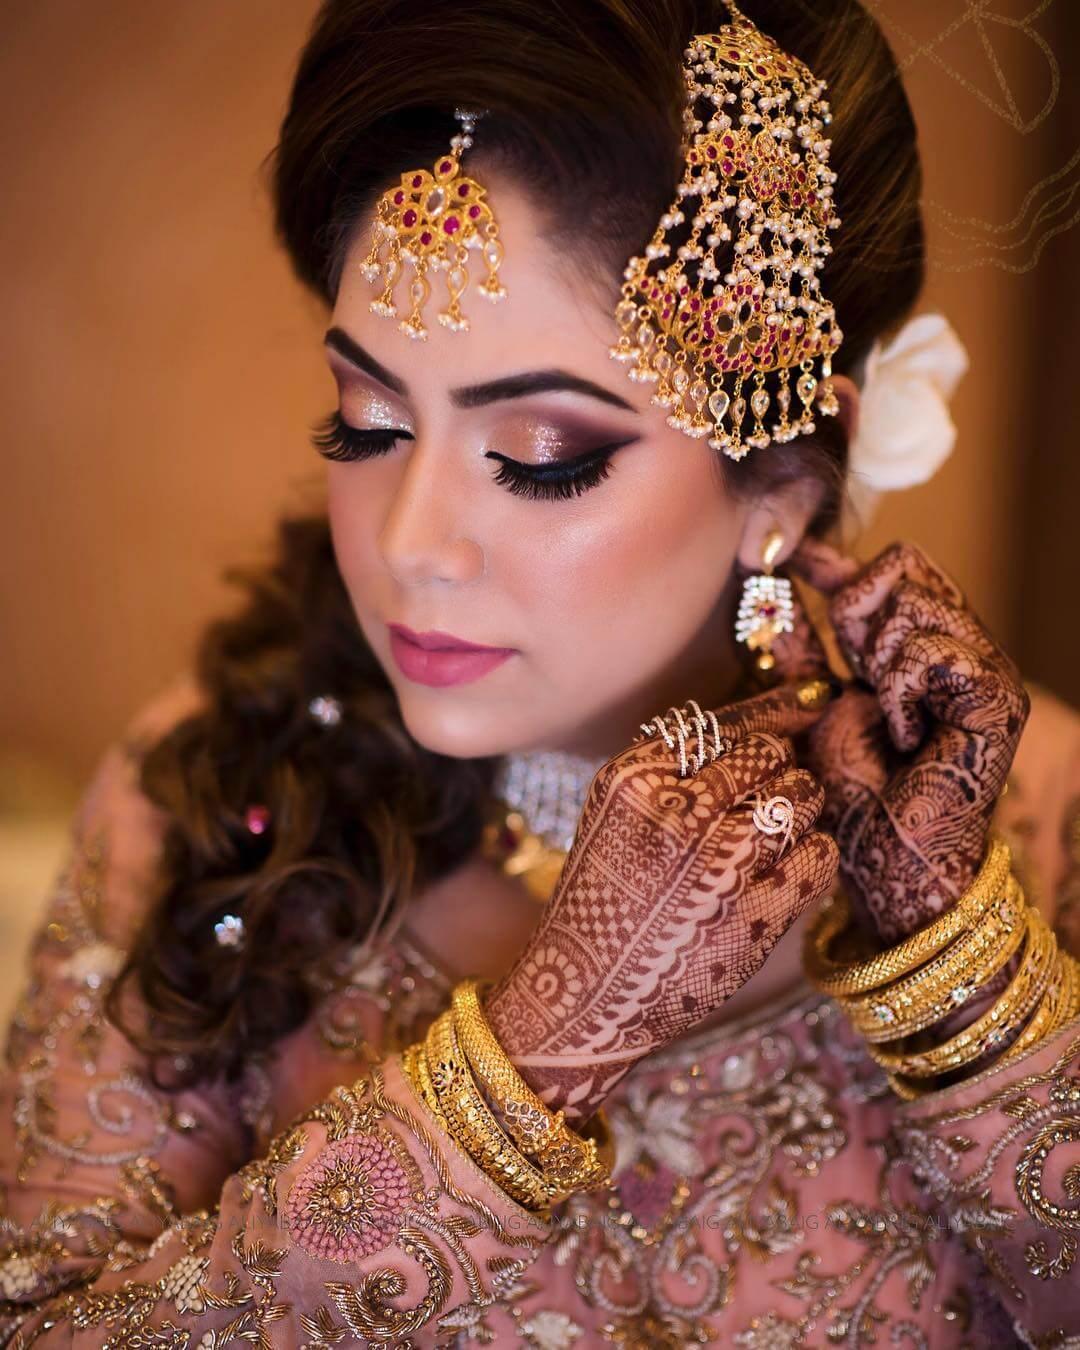 Detailed Bridal Look Passa/Jhoomar Designs For Muslim Bride